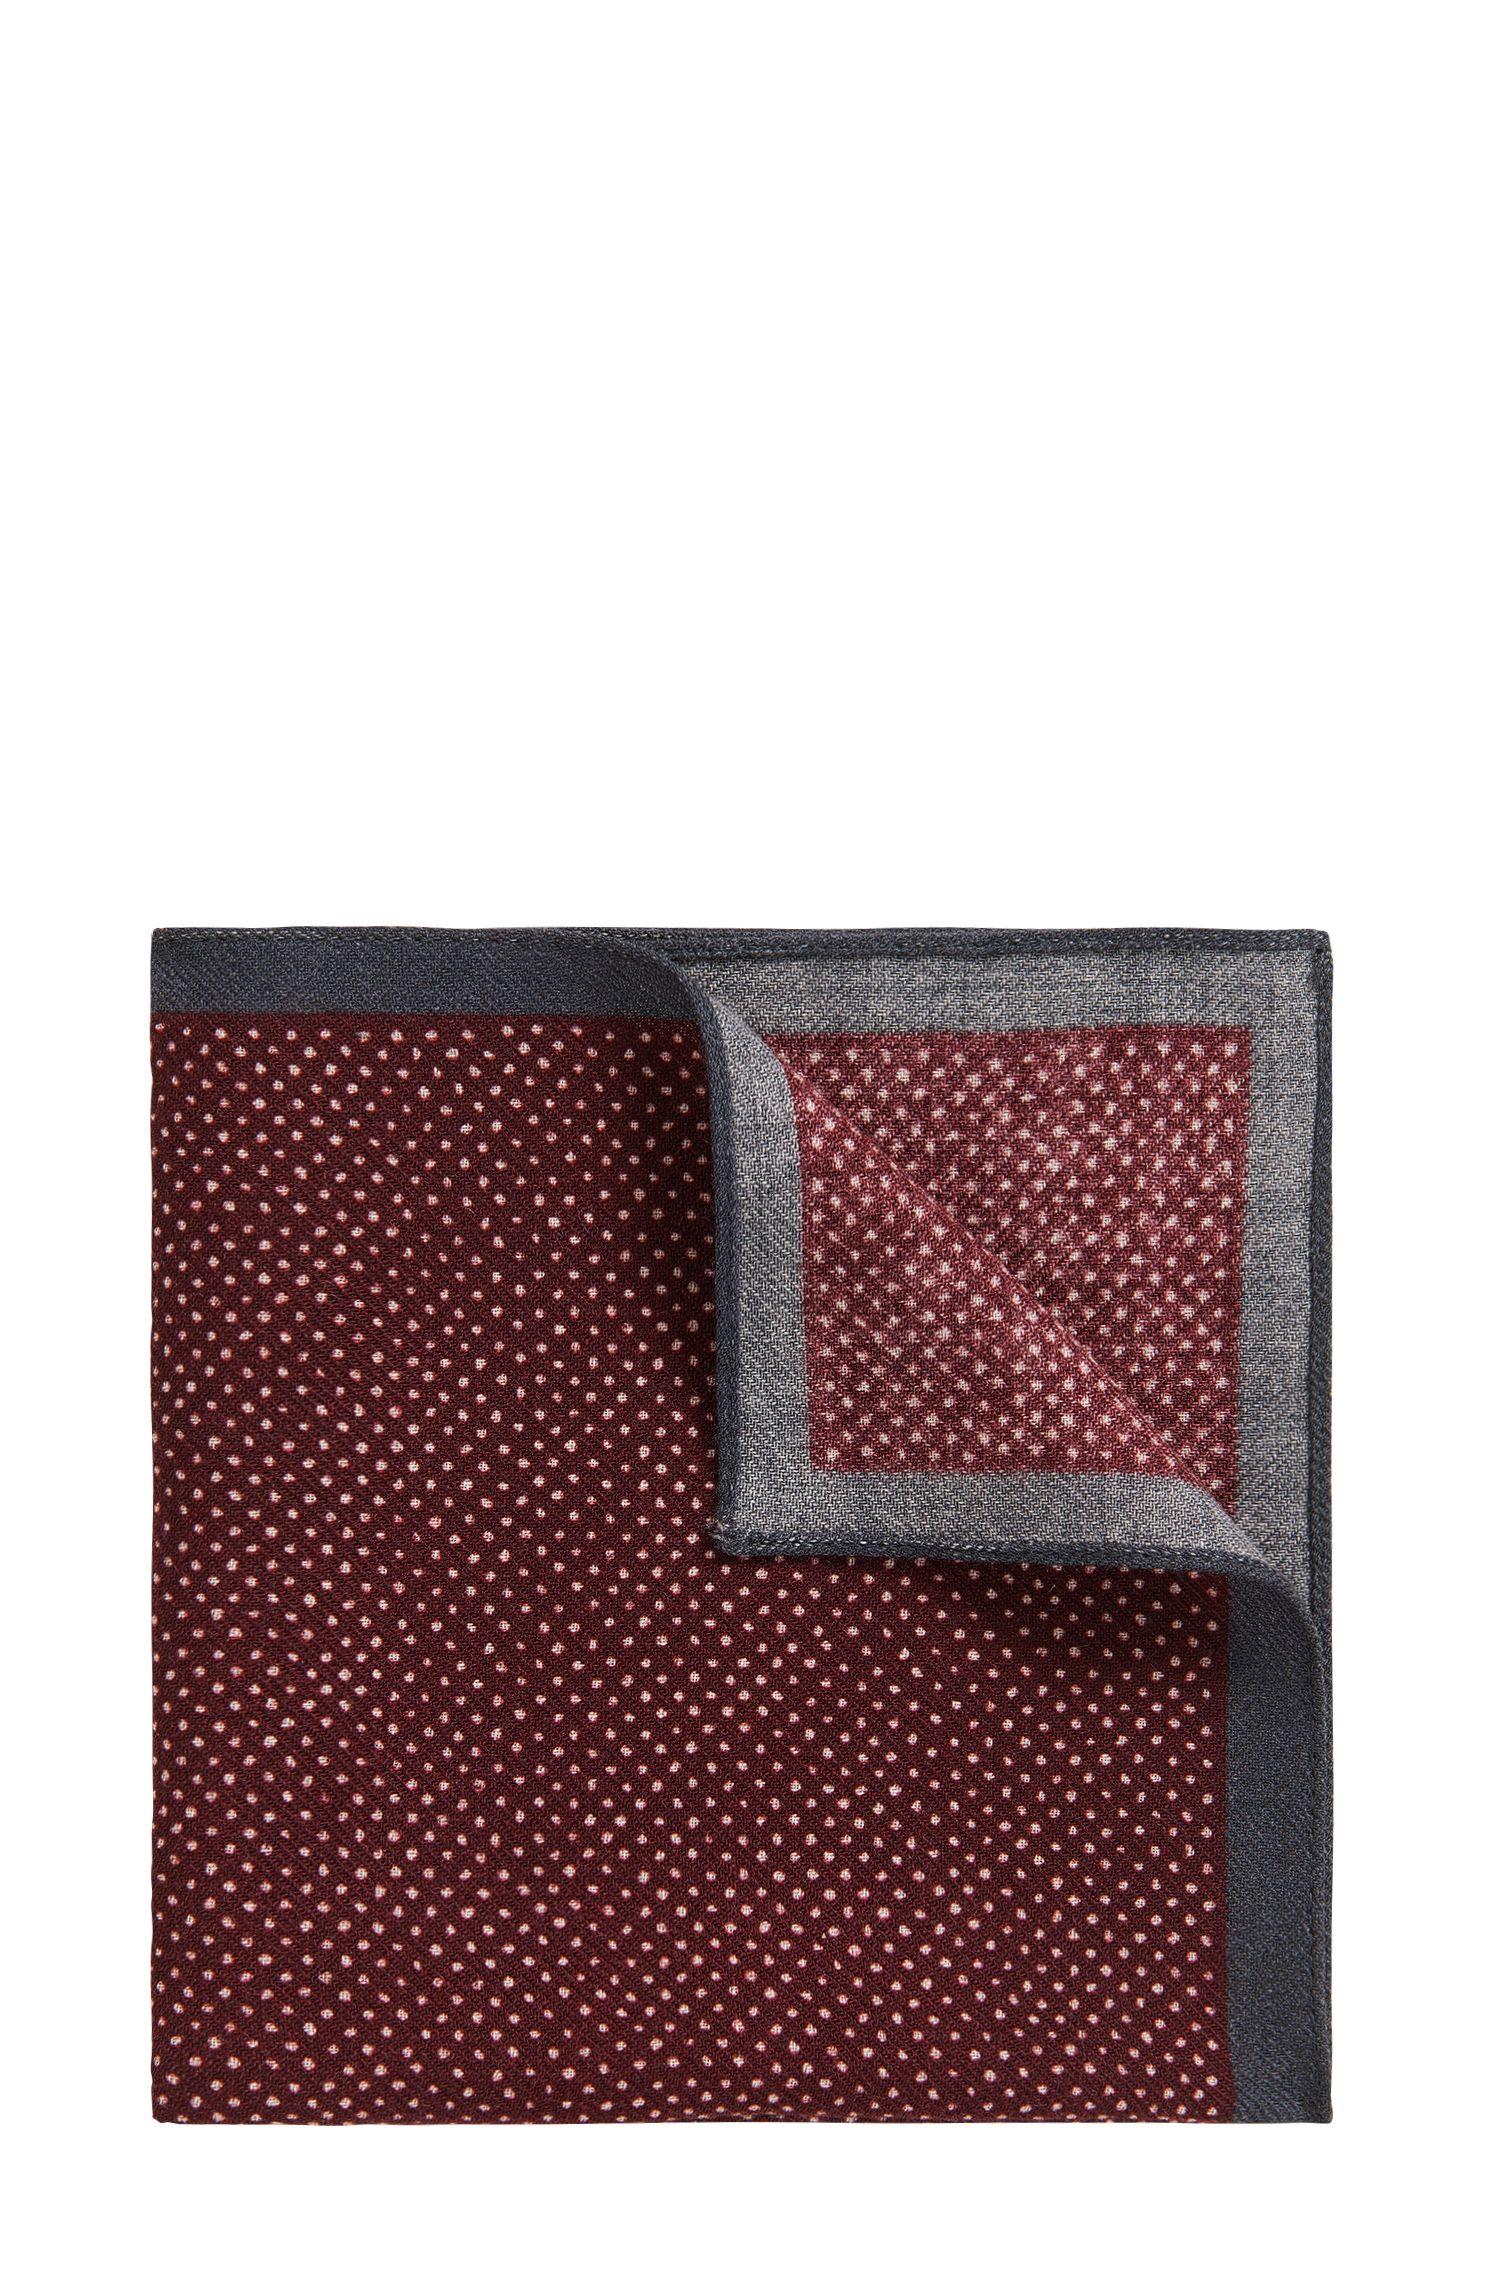 Pindot Wool Pocket Square